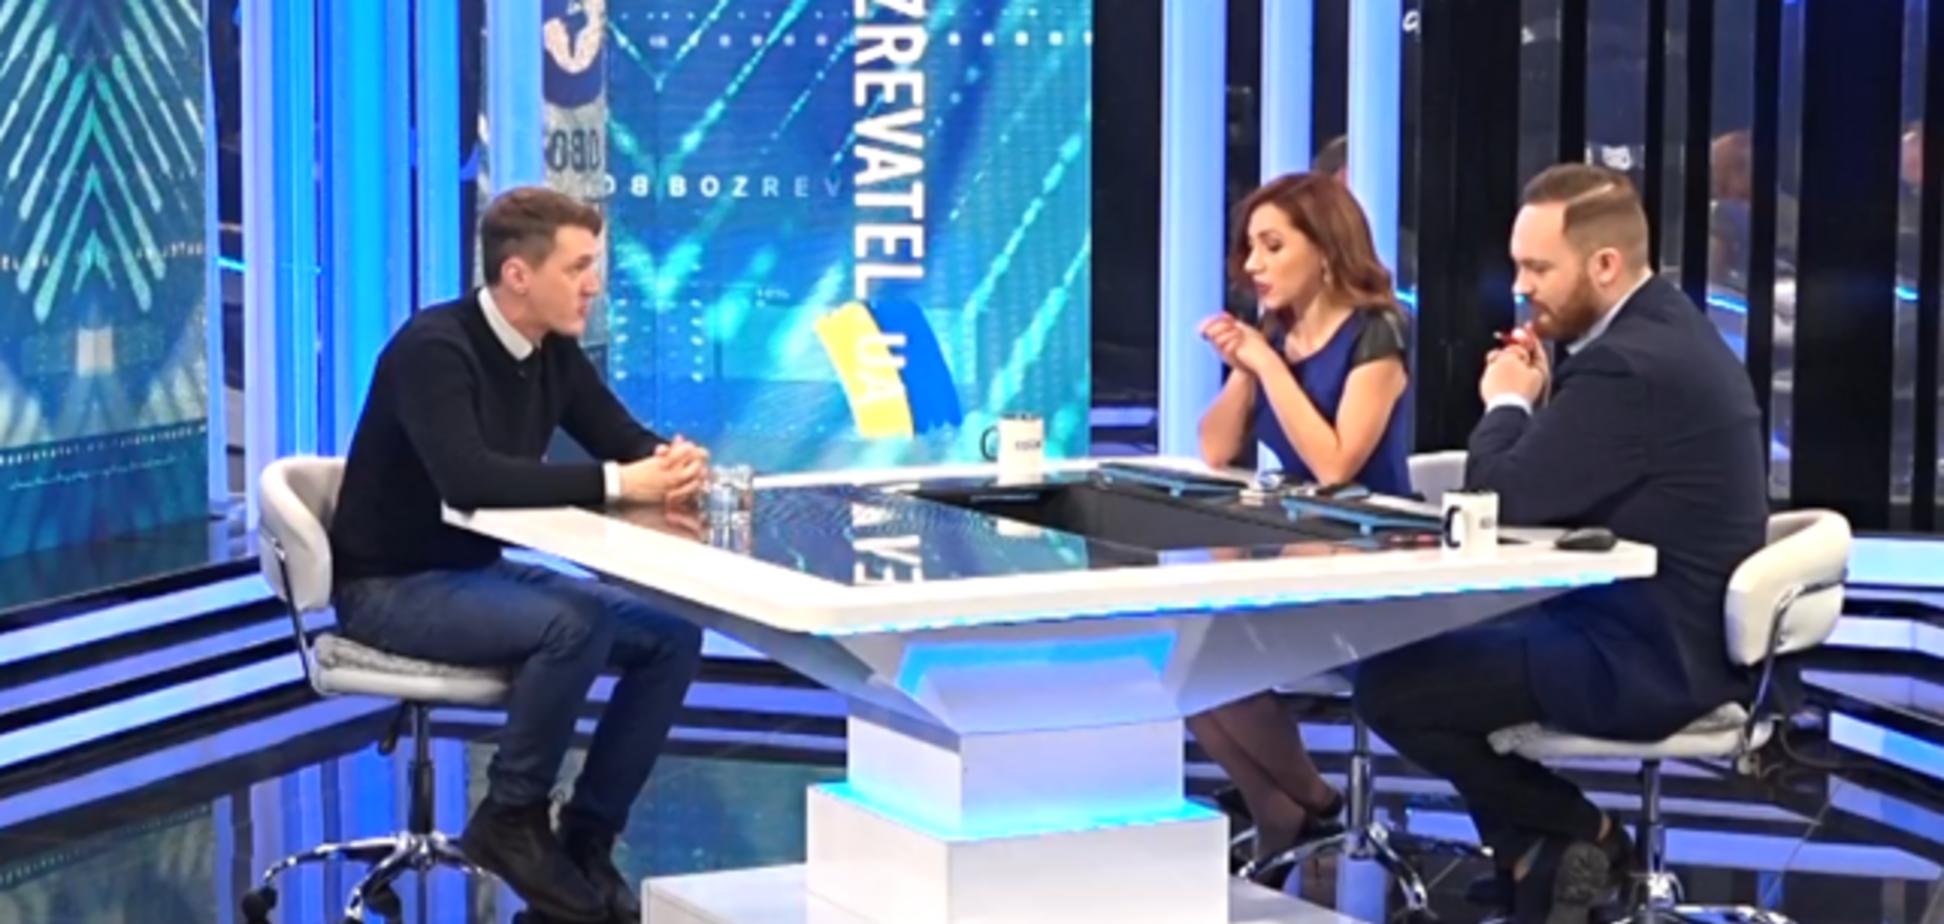 ''Дякую, Ярославе!'' – блогер привітав футболіста ''Шахтаря'' за перехід до клубу російського ''Газпрому''